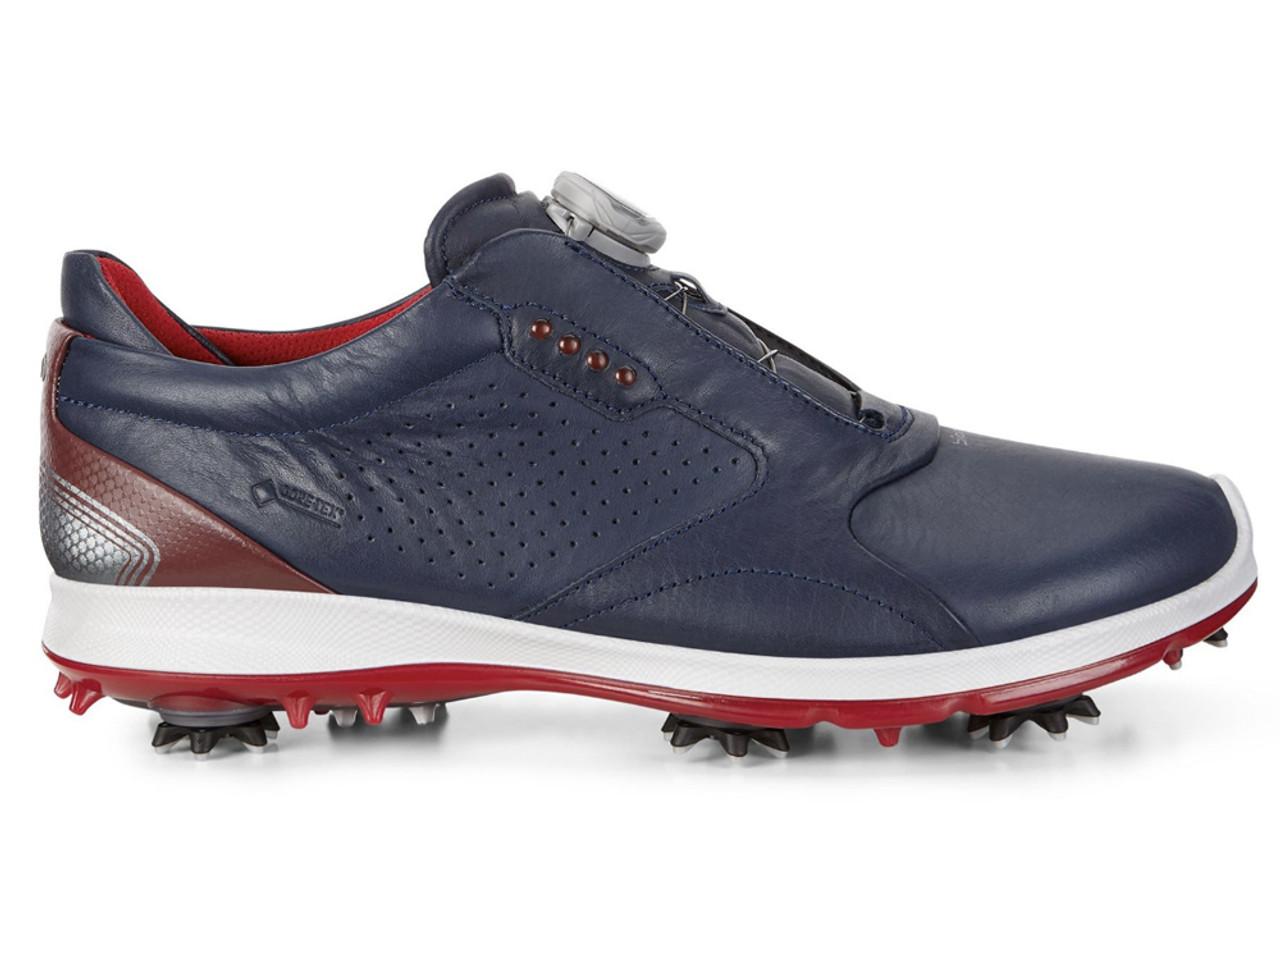 b60de4194f4d Ecco Biom G2 BOA Golf Shoes - True Navy Brick - Mens For Sale